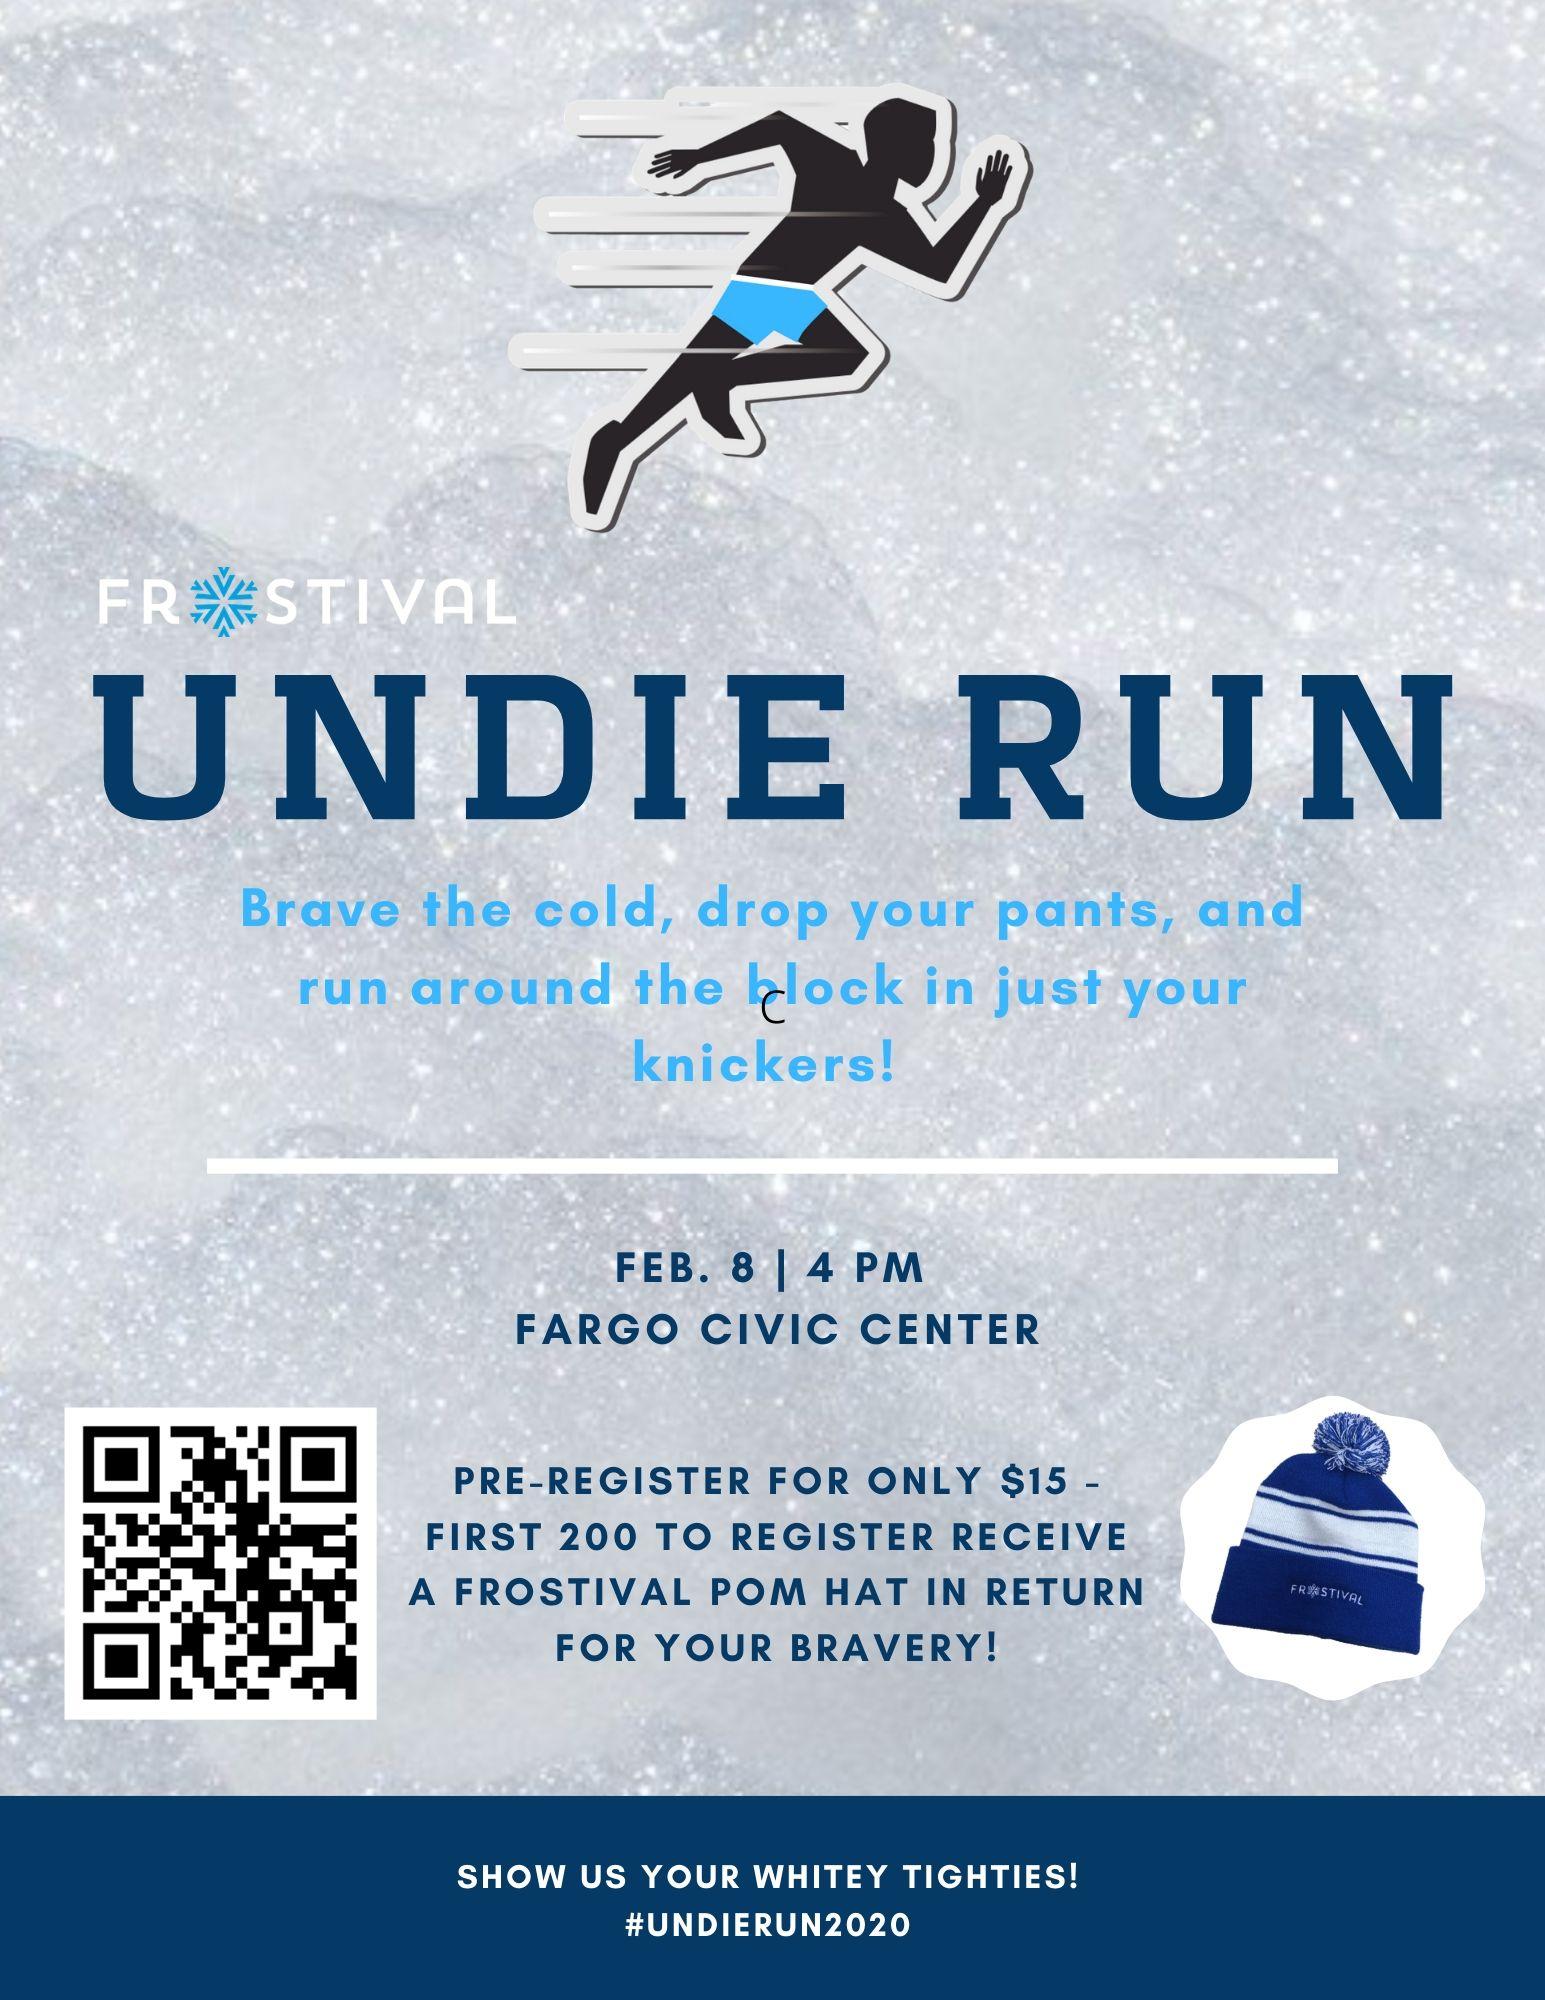 Undie Run Poster